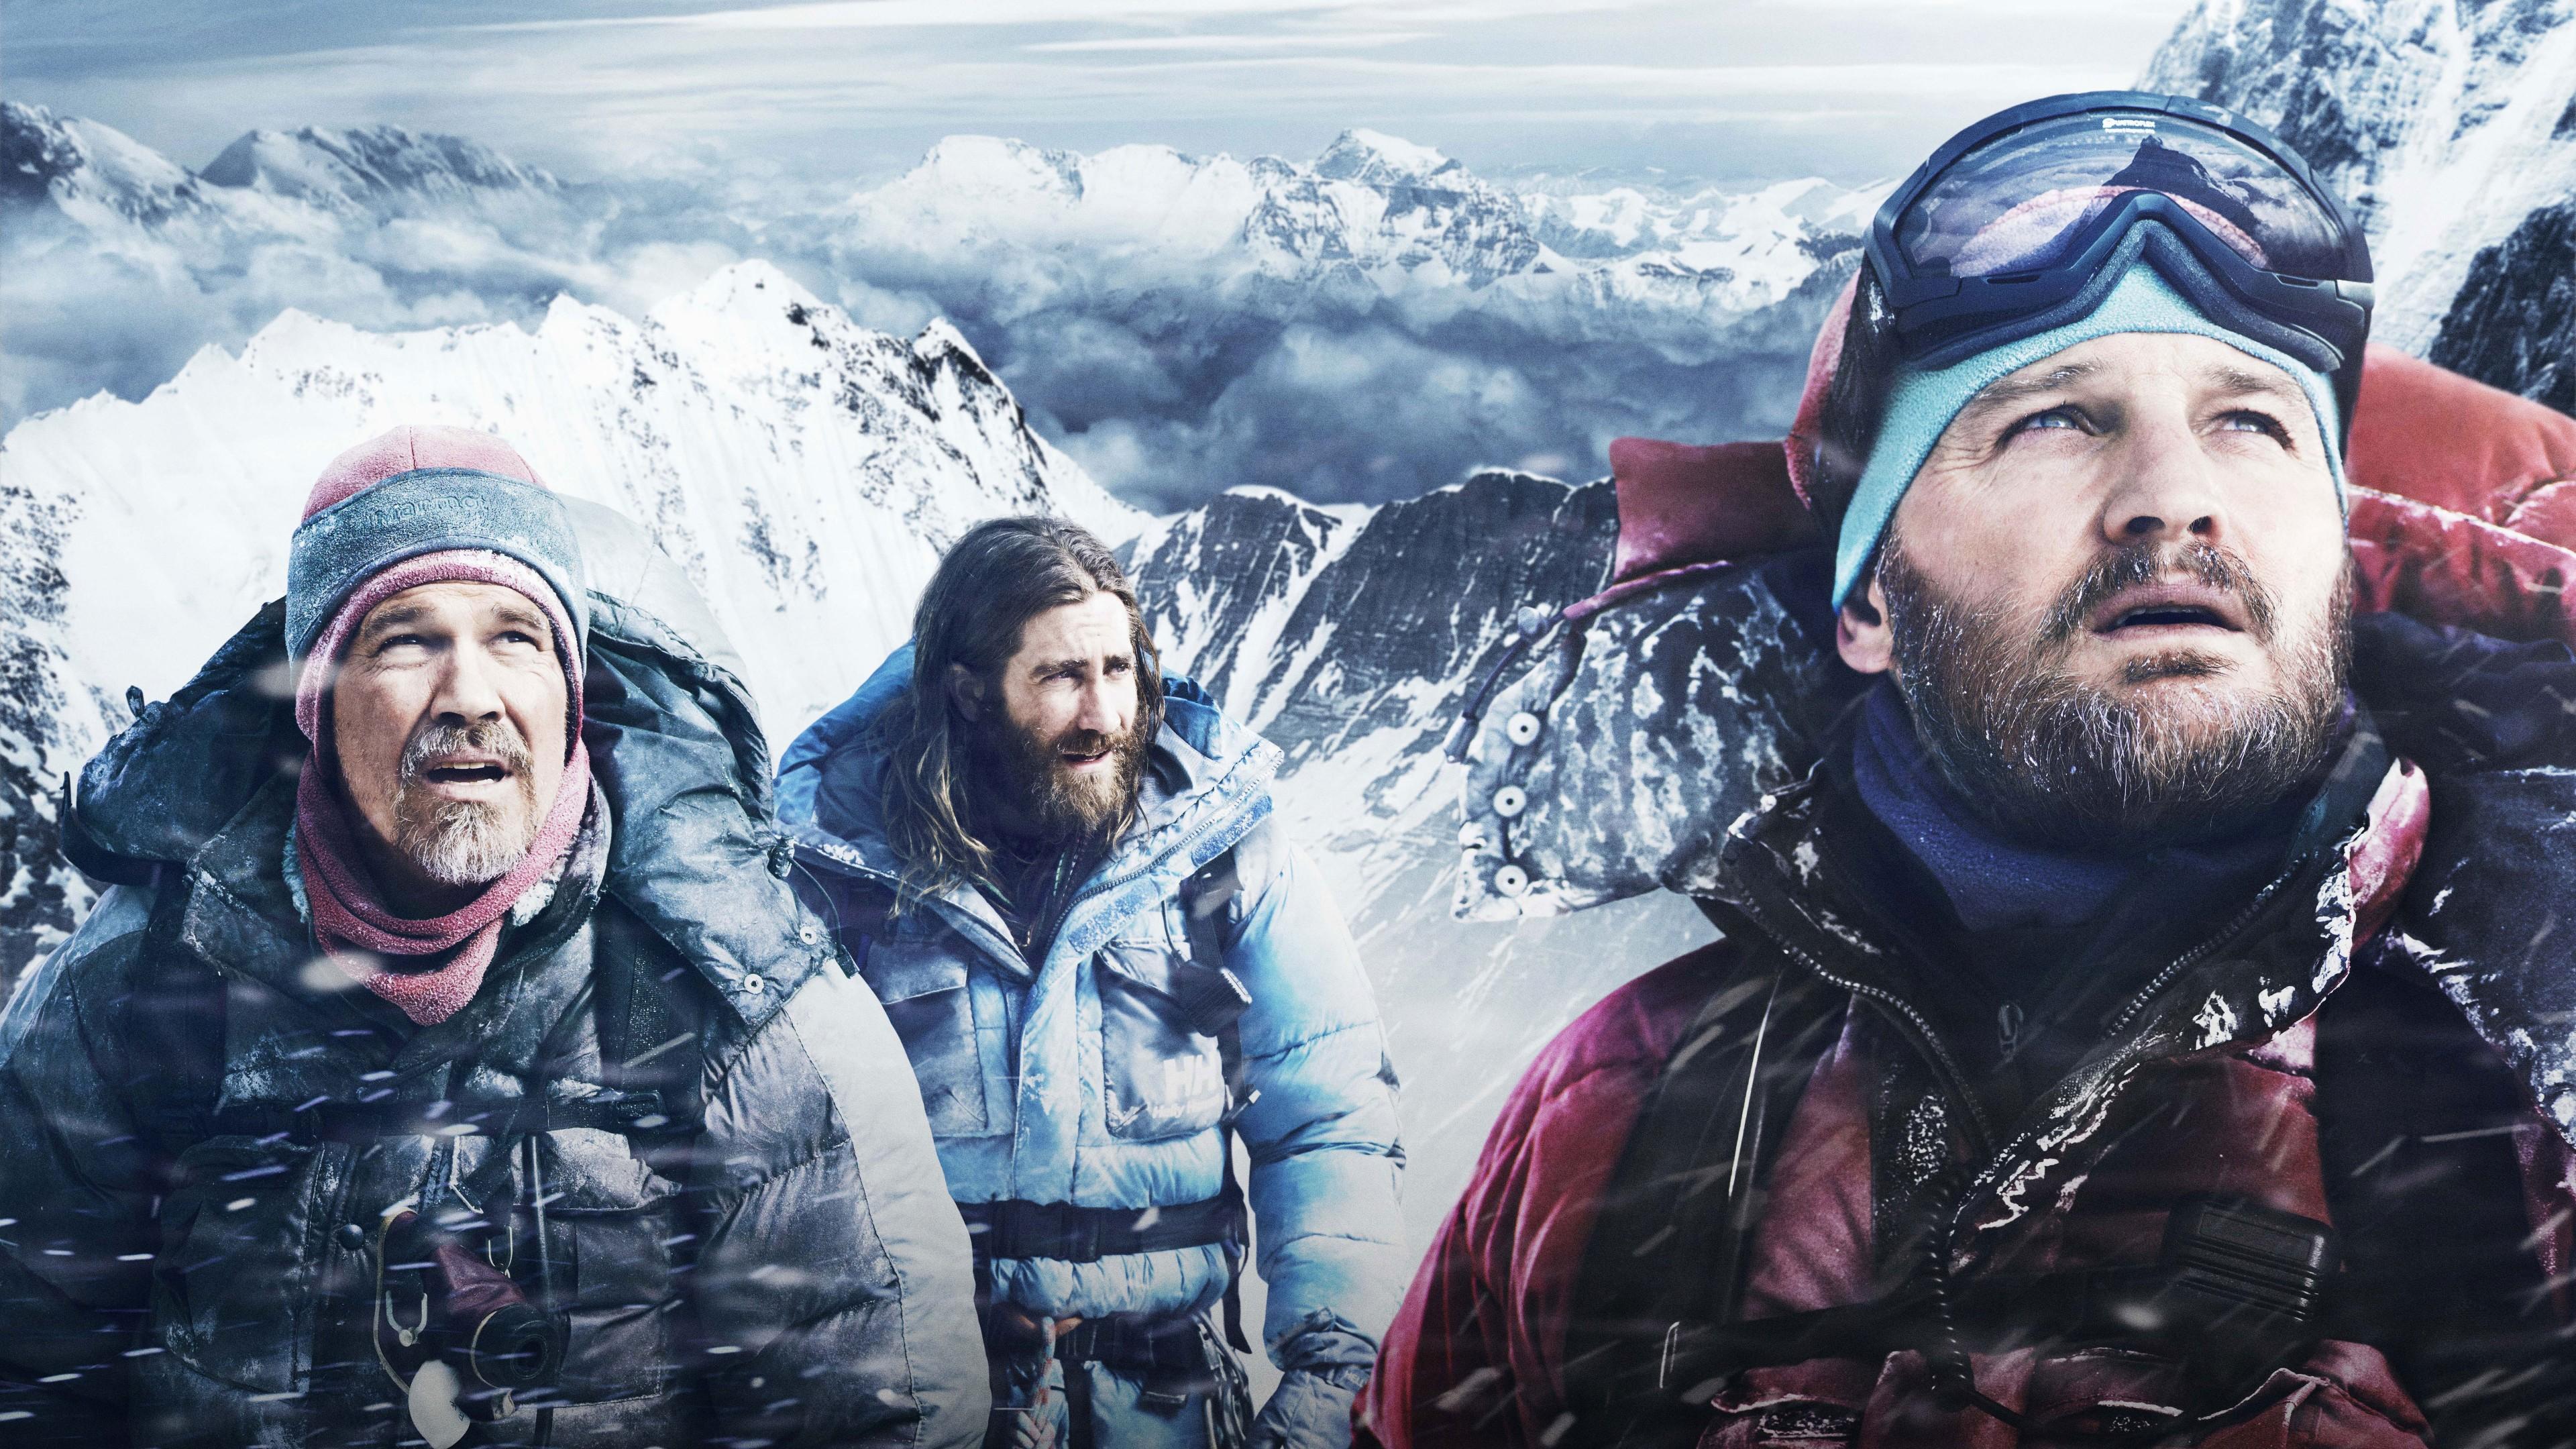 Отважные альпинисты среди горных снежных вершин и серых облаков